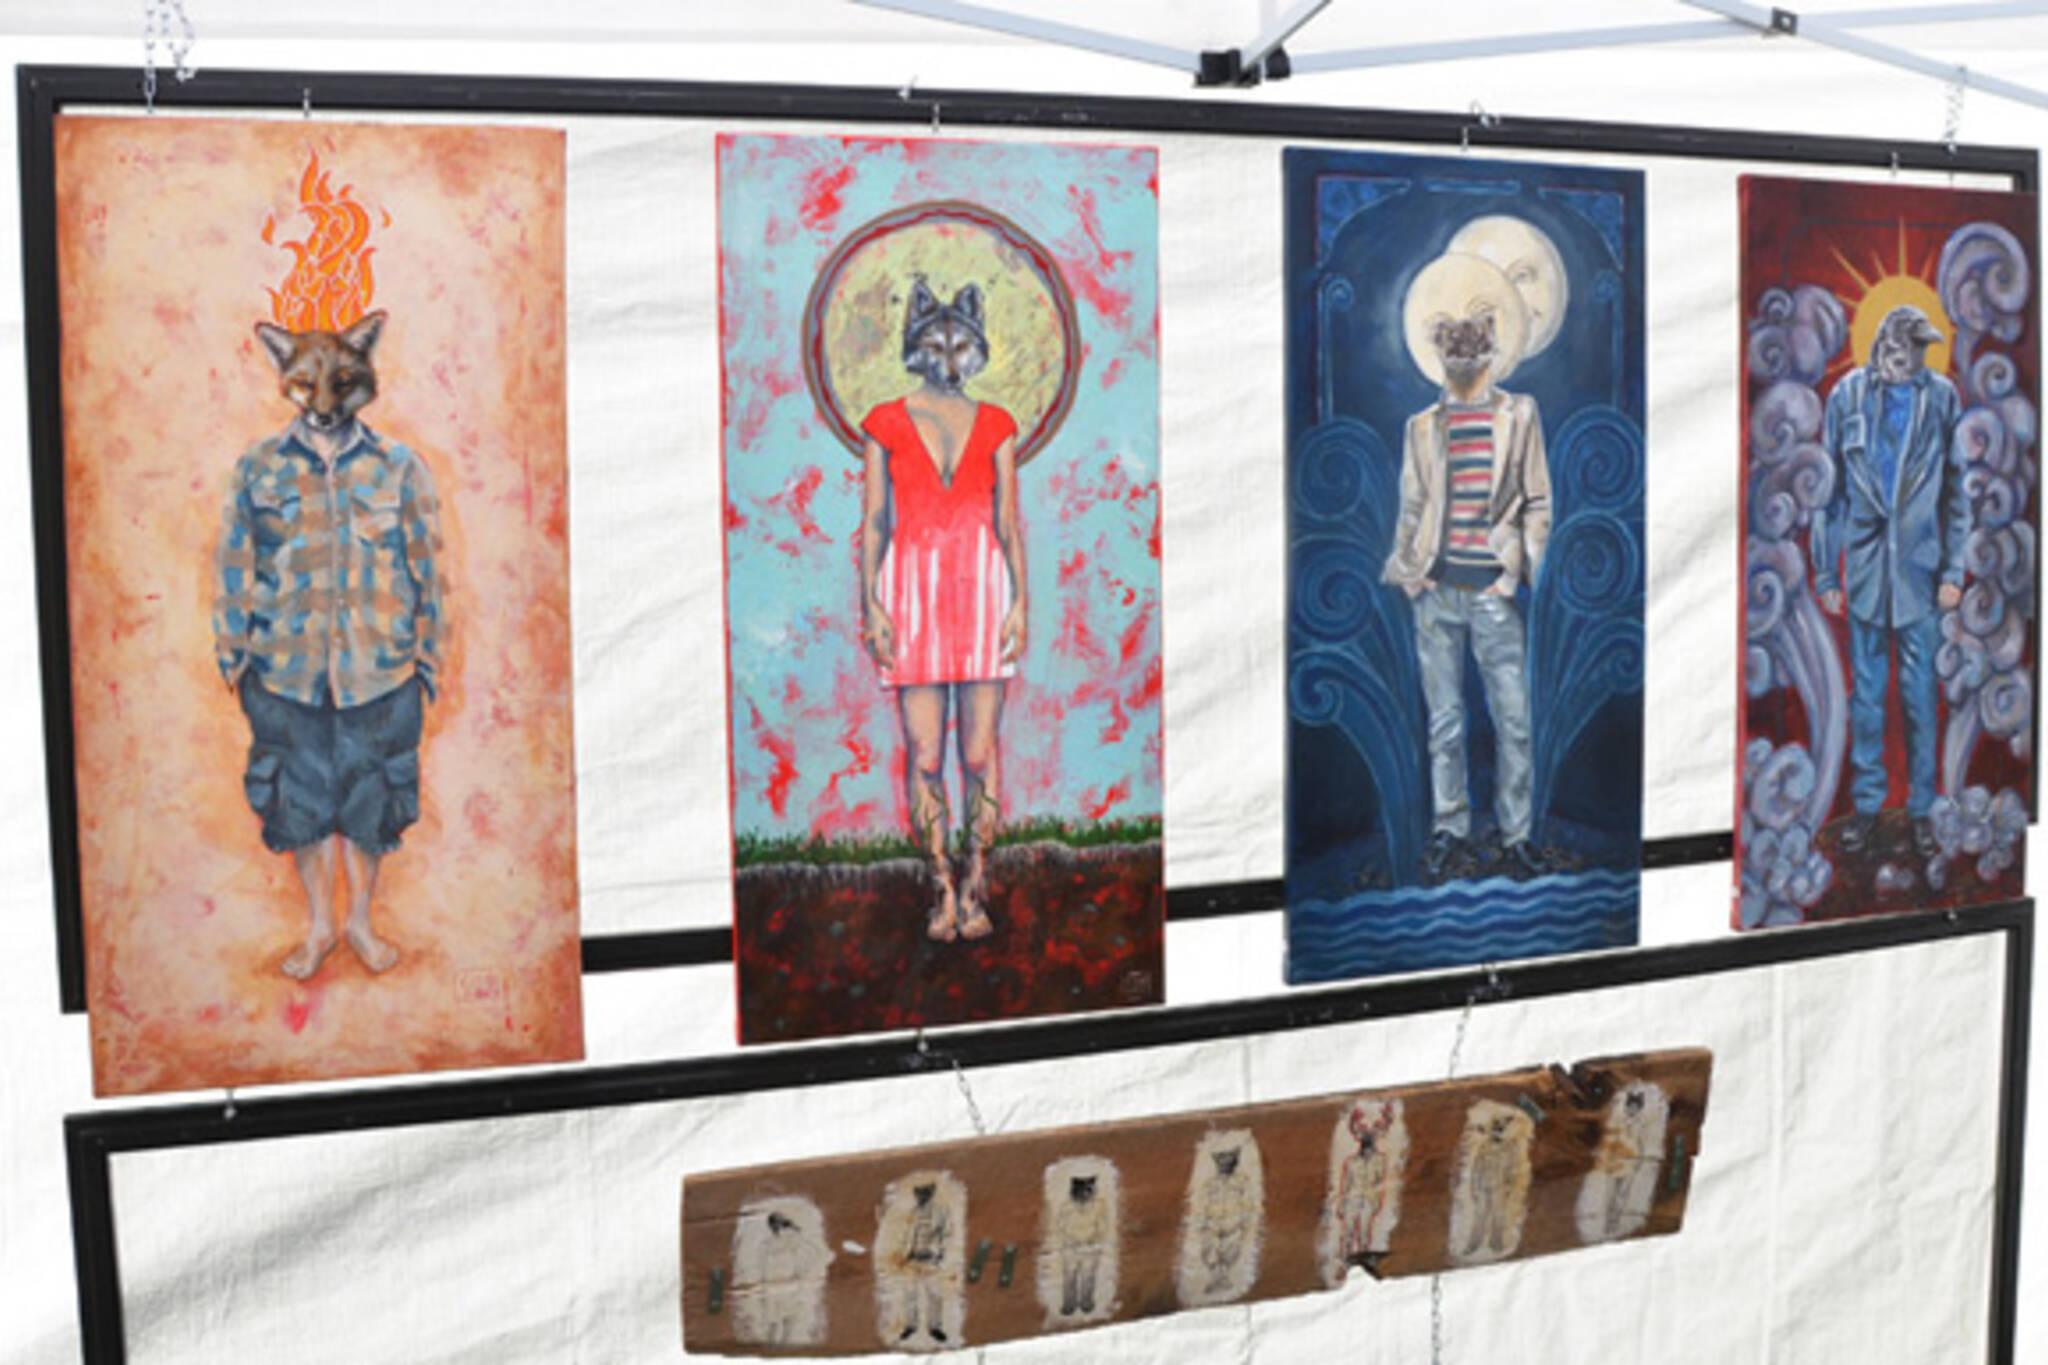 Queen West Art Crawl 2012